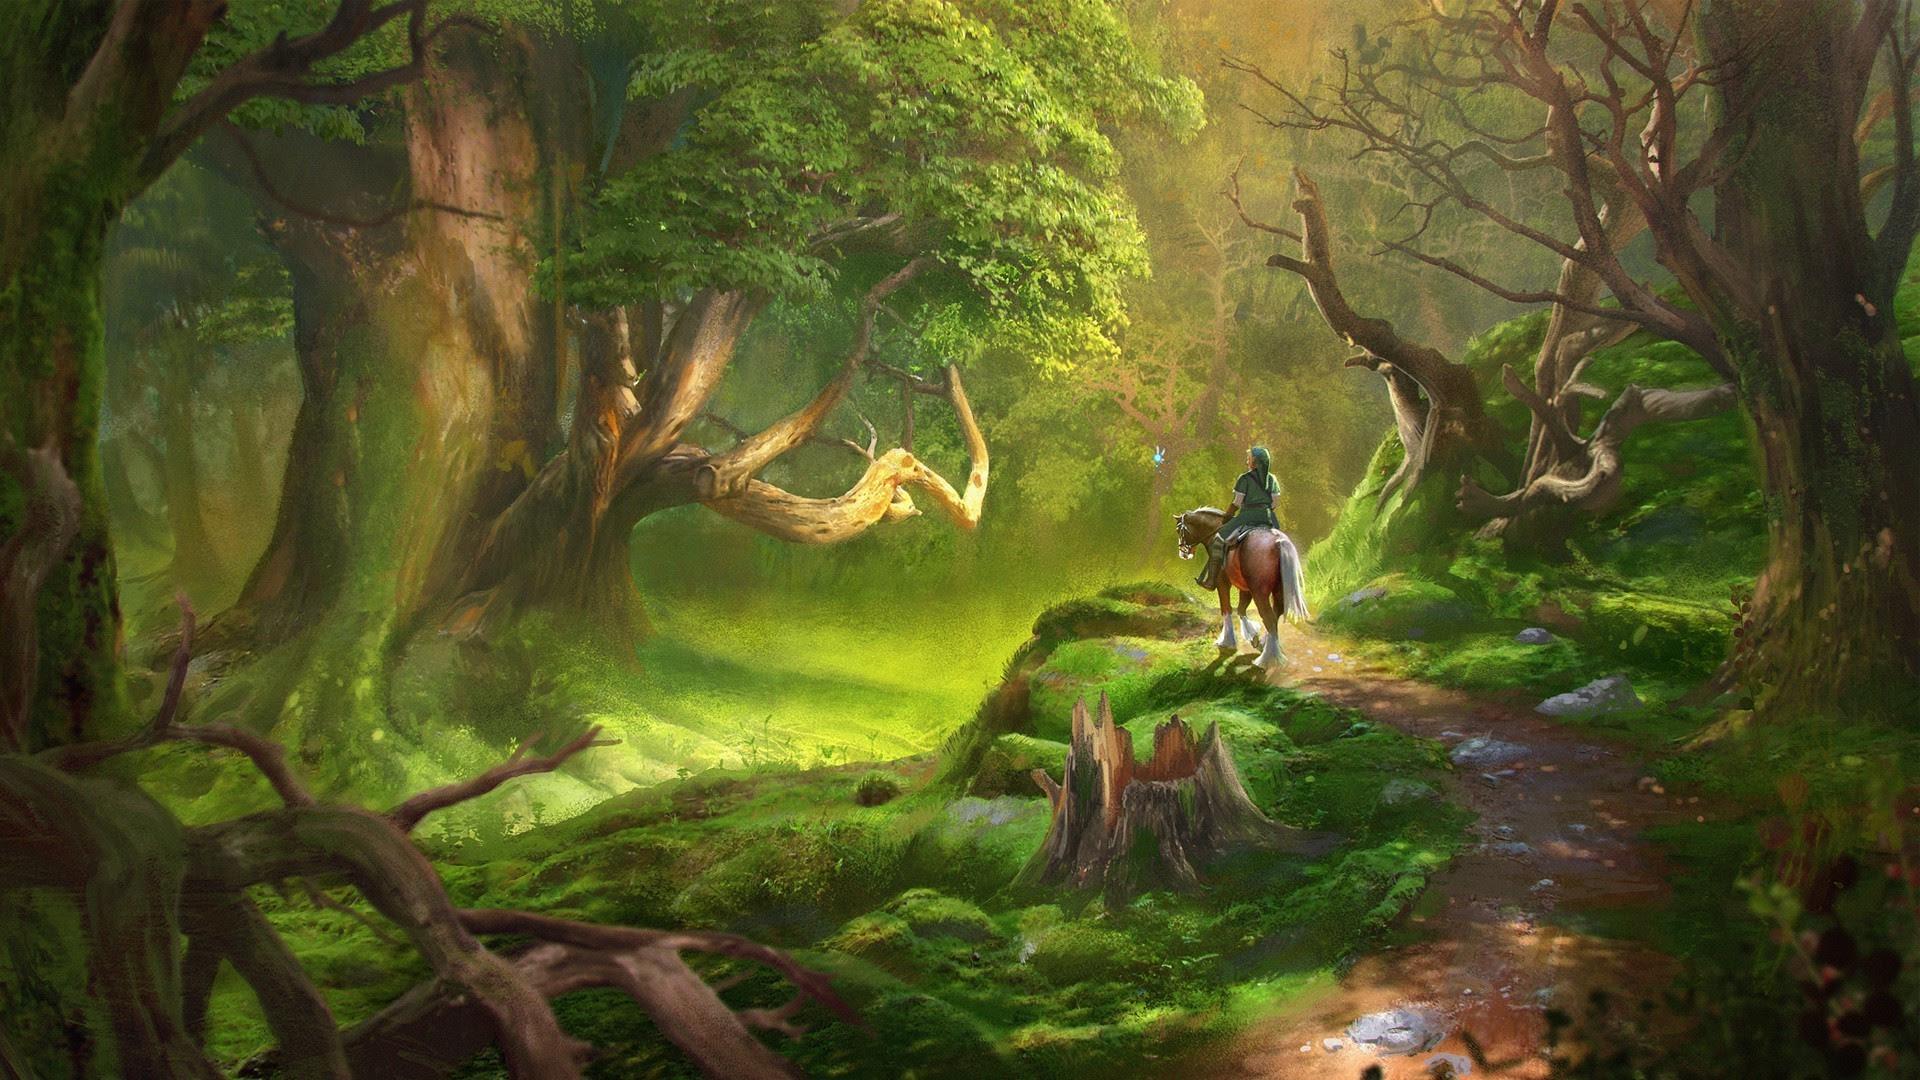 Zelda Background (74+ images)